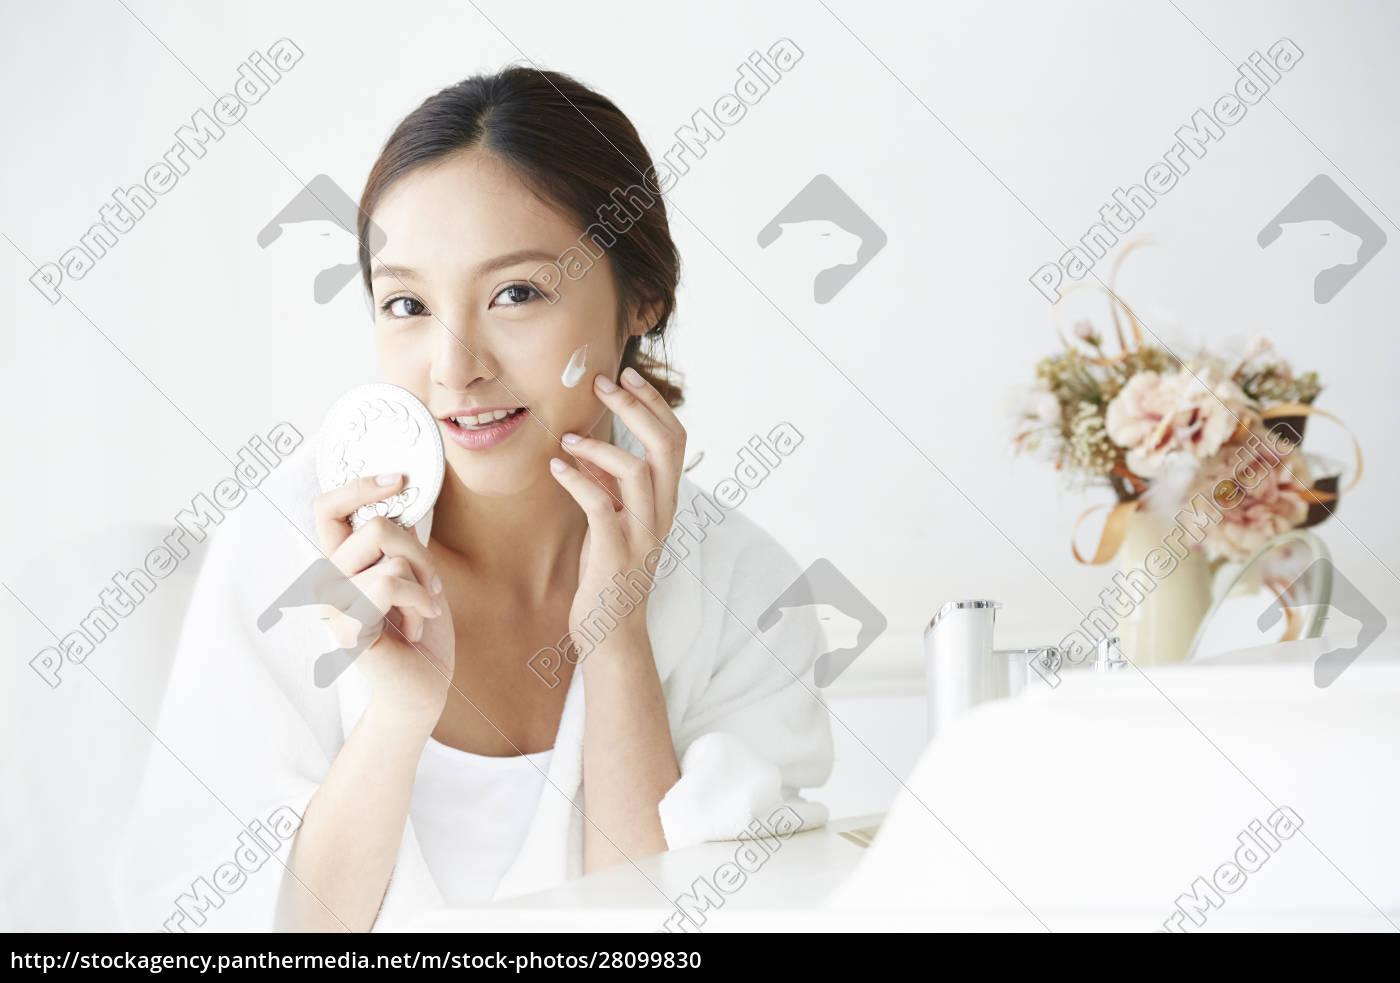 weibliches, schönheitsbild - 28099830